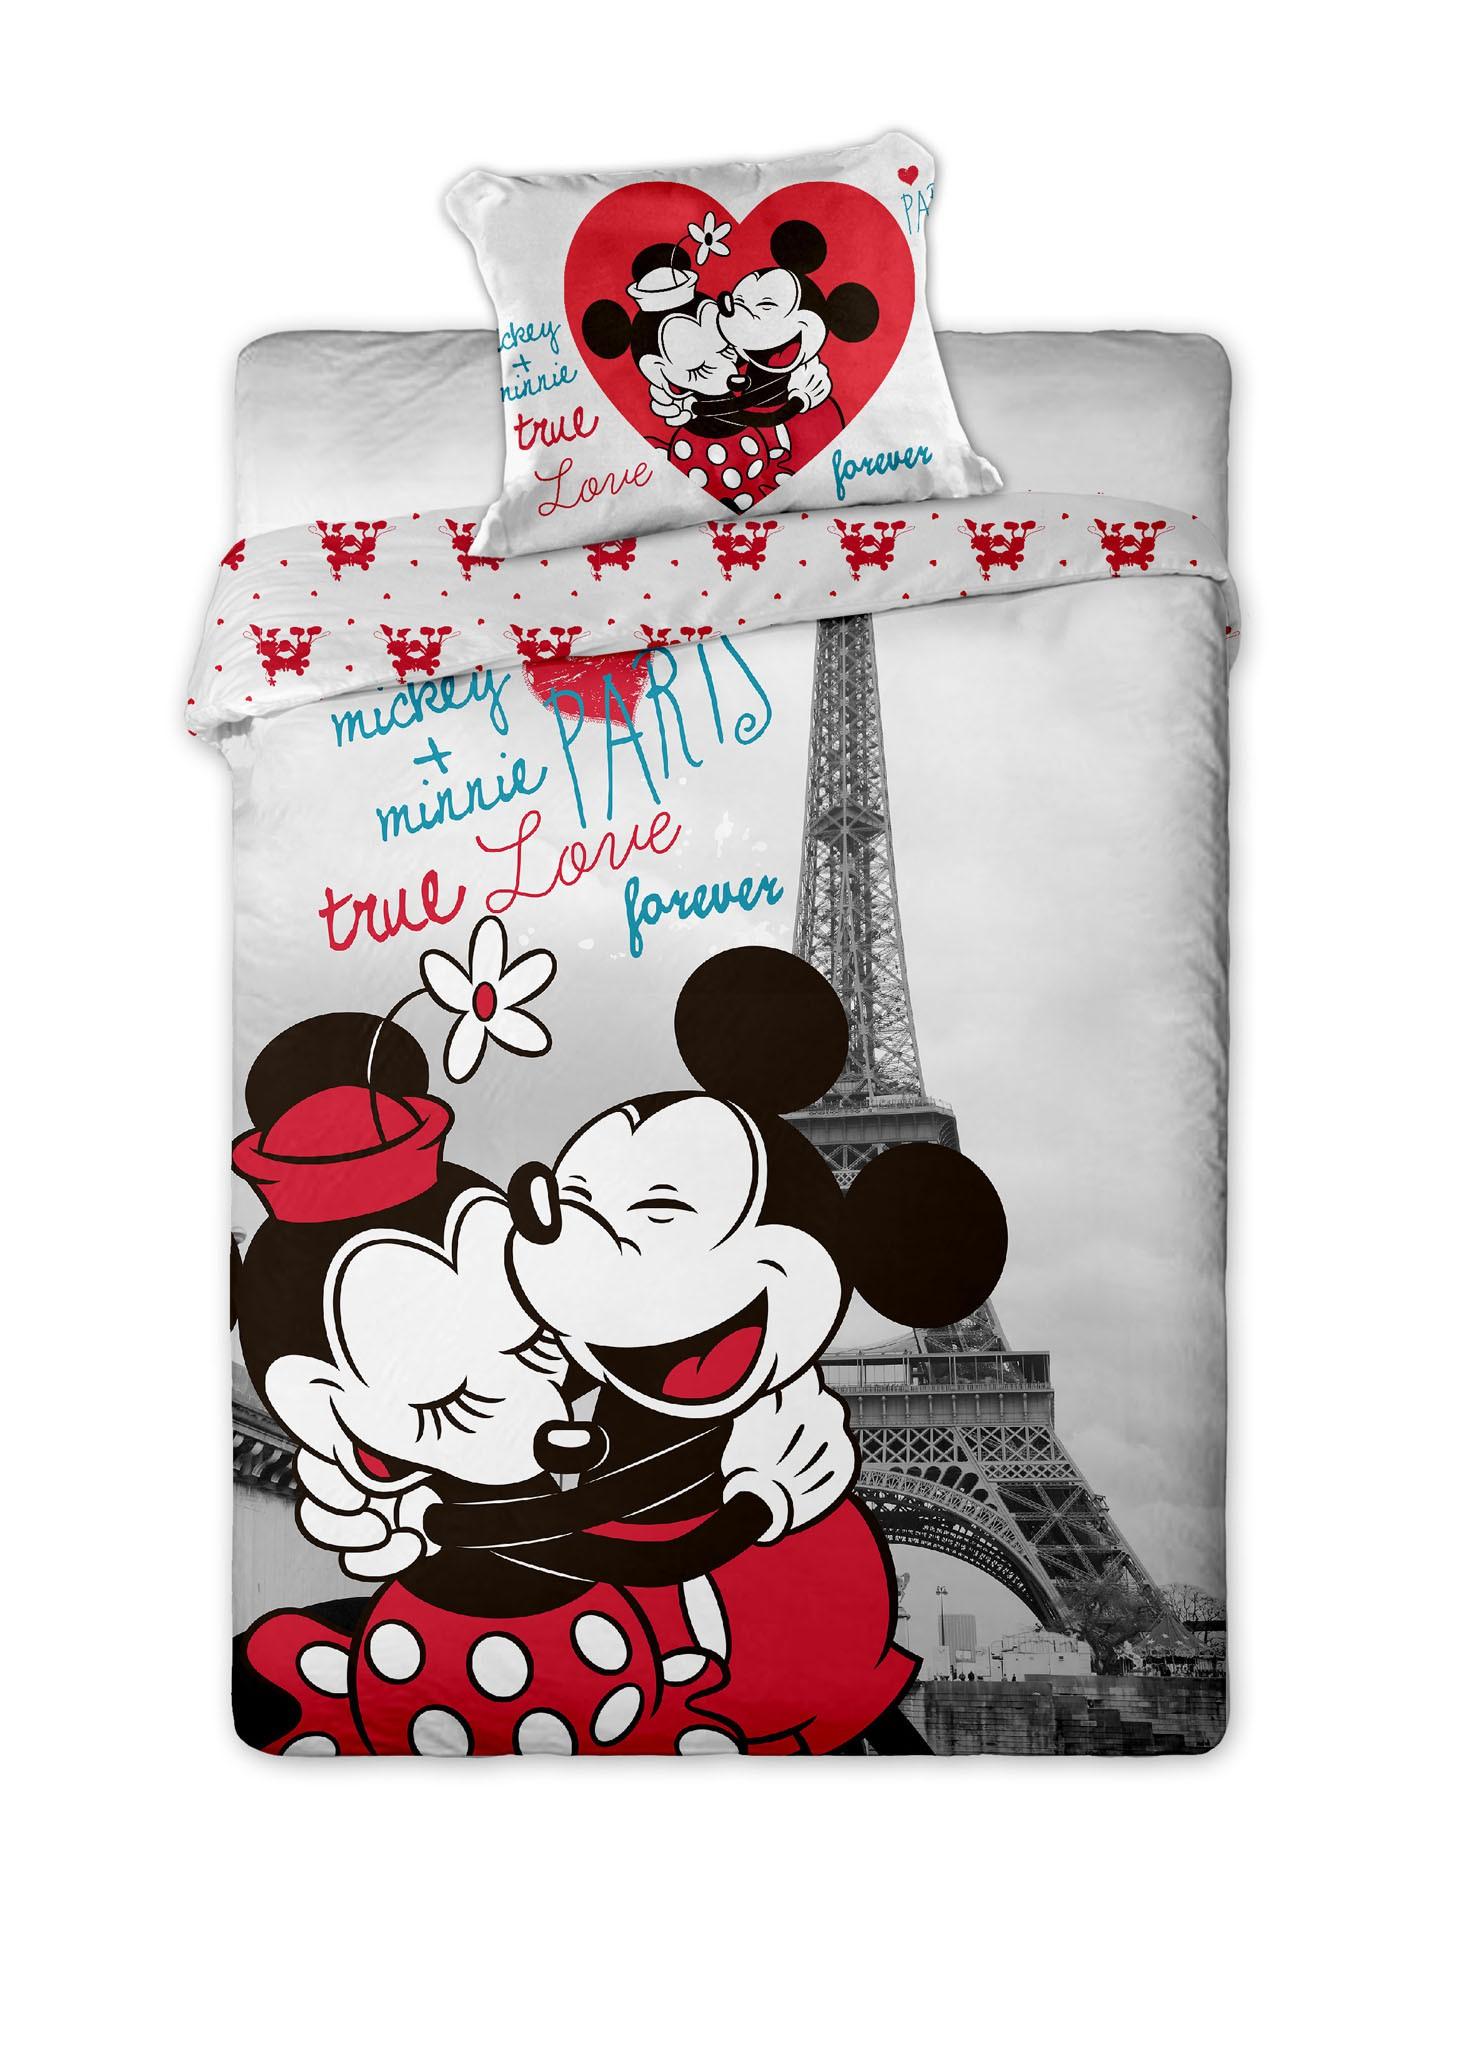 Dětské bavlněné povlečení Disney Mickey and Minnie v Paříži